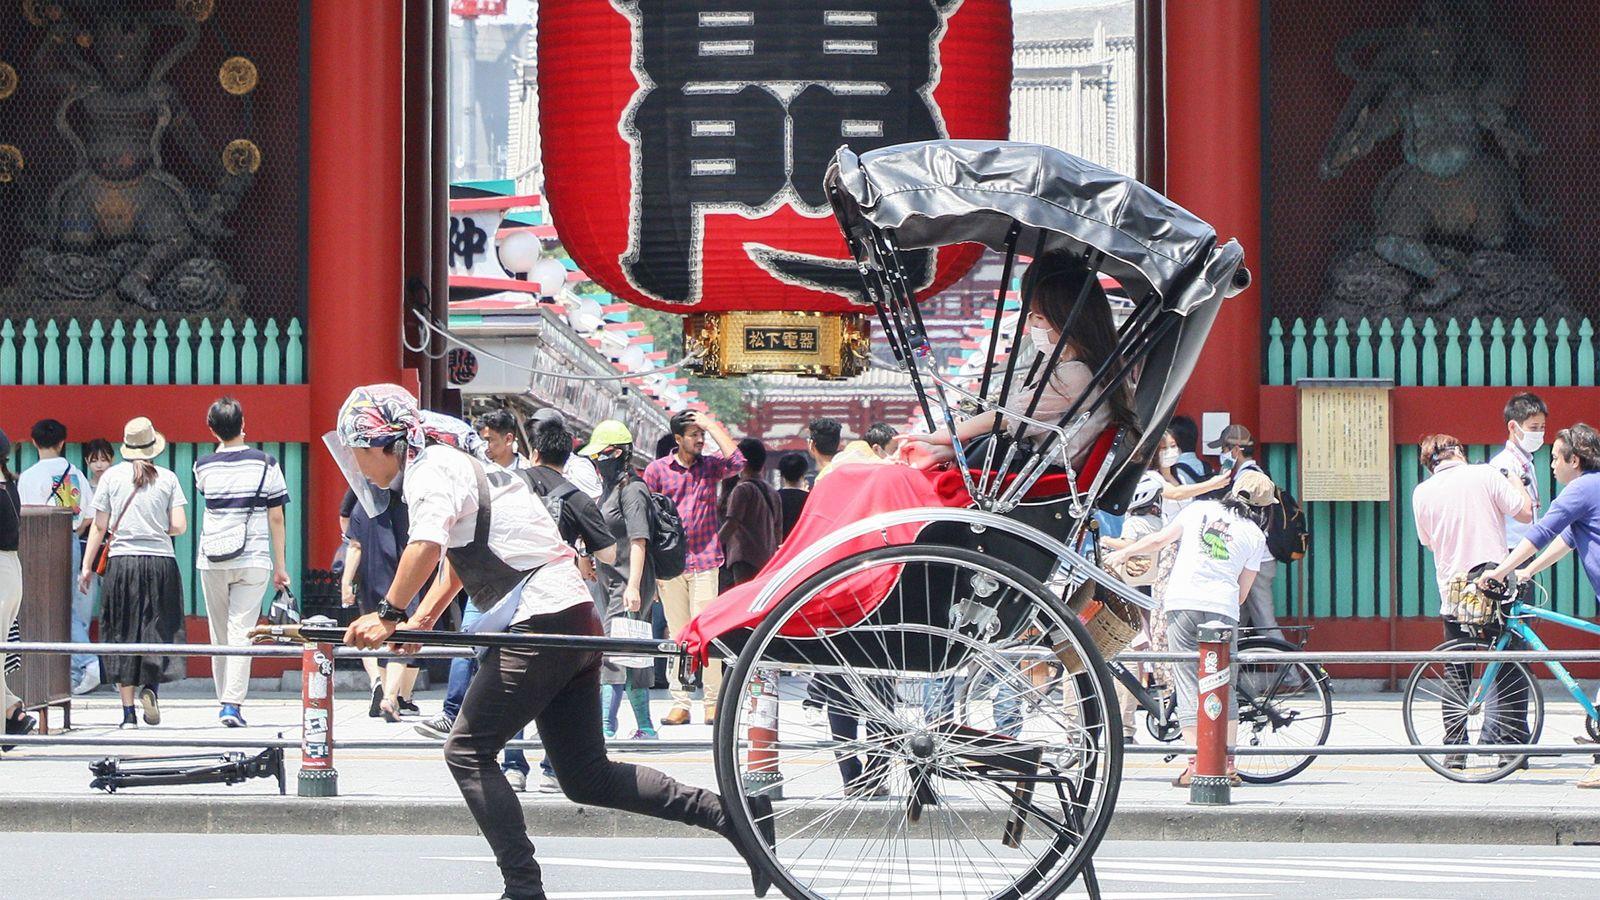 「早く日本に行きたい!」いま中国人が日本で買いたがっているモノ 抗菌グッズ、無印良品、東急ハンズ…